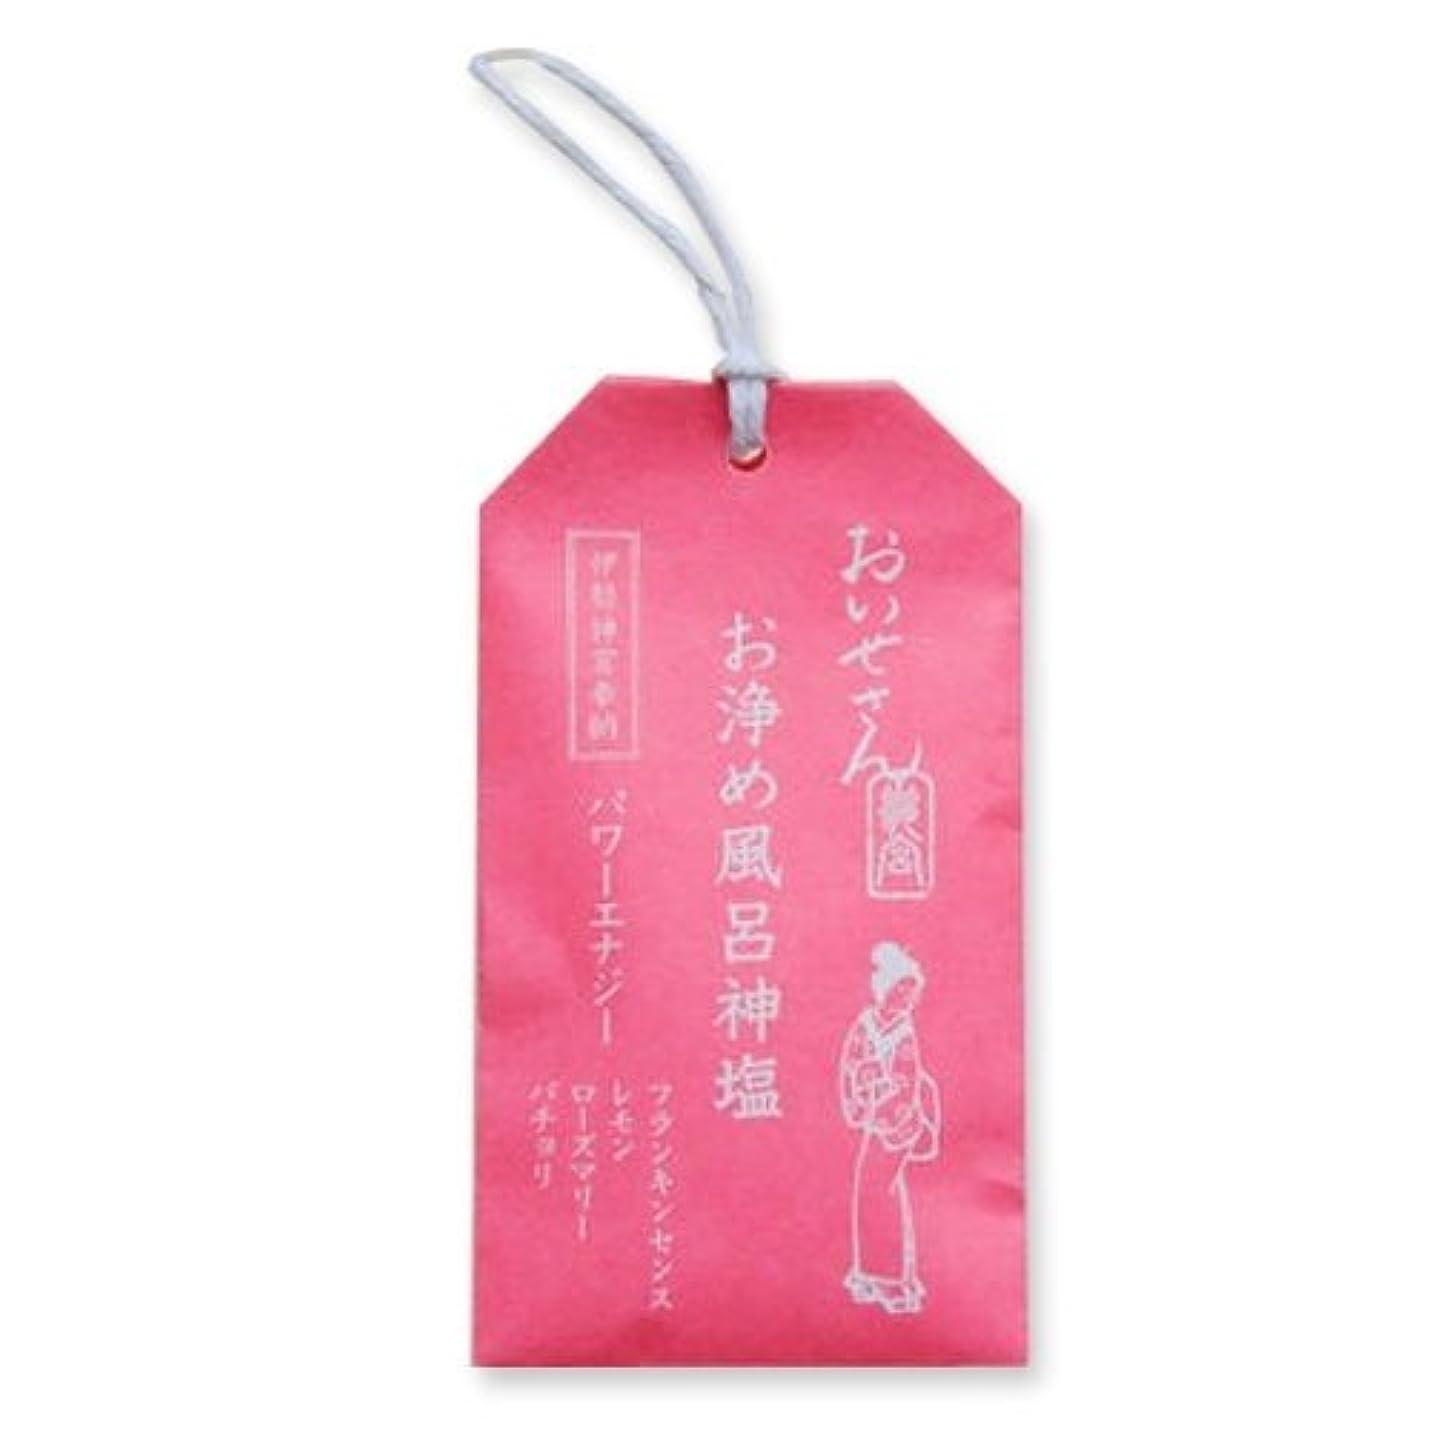 不運失われたおもしろいおいせさん お浄め風呂神塩 バス用ソルト(パワーエナジー) 20g